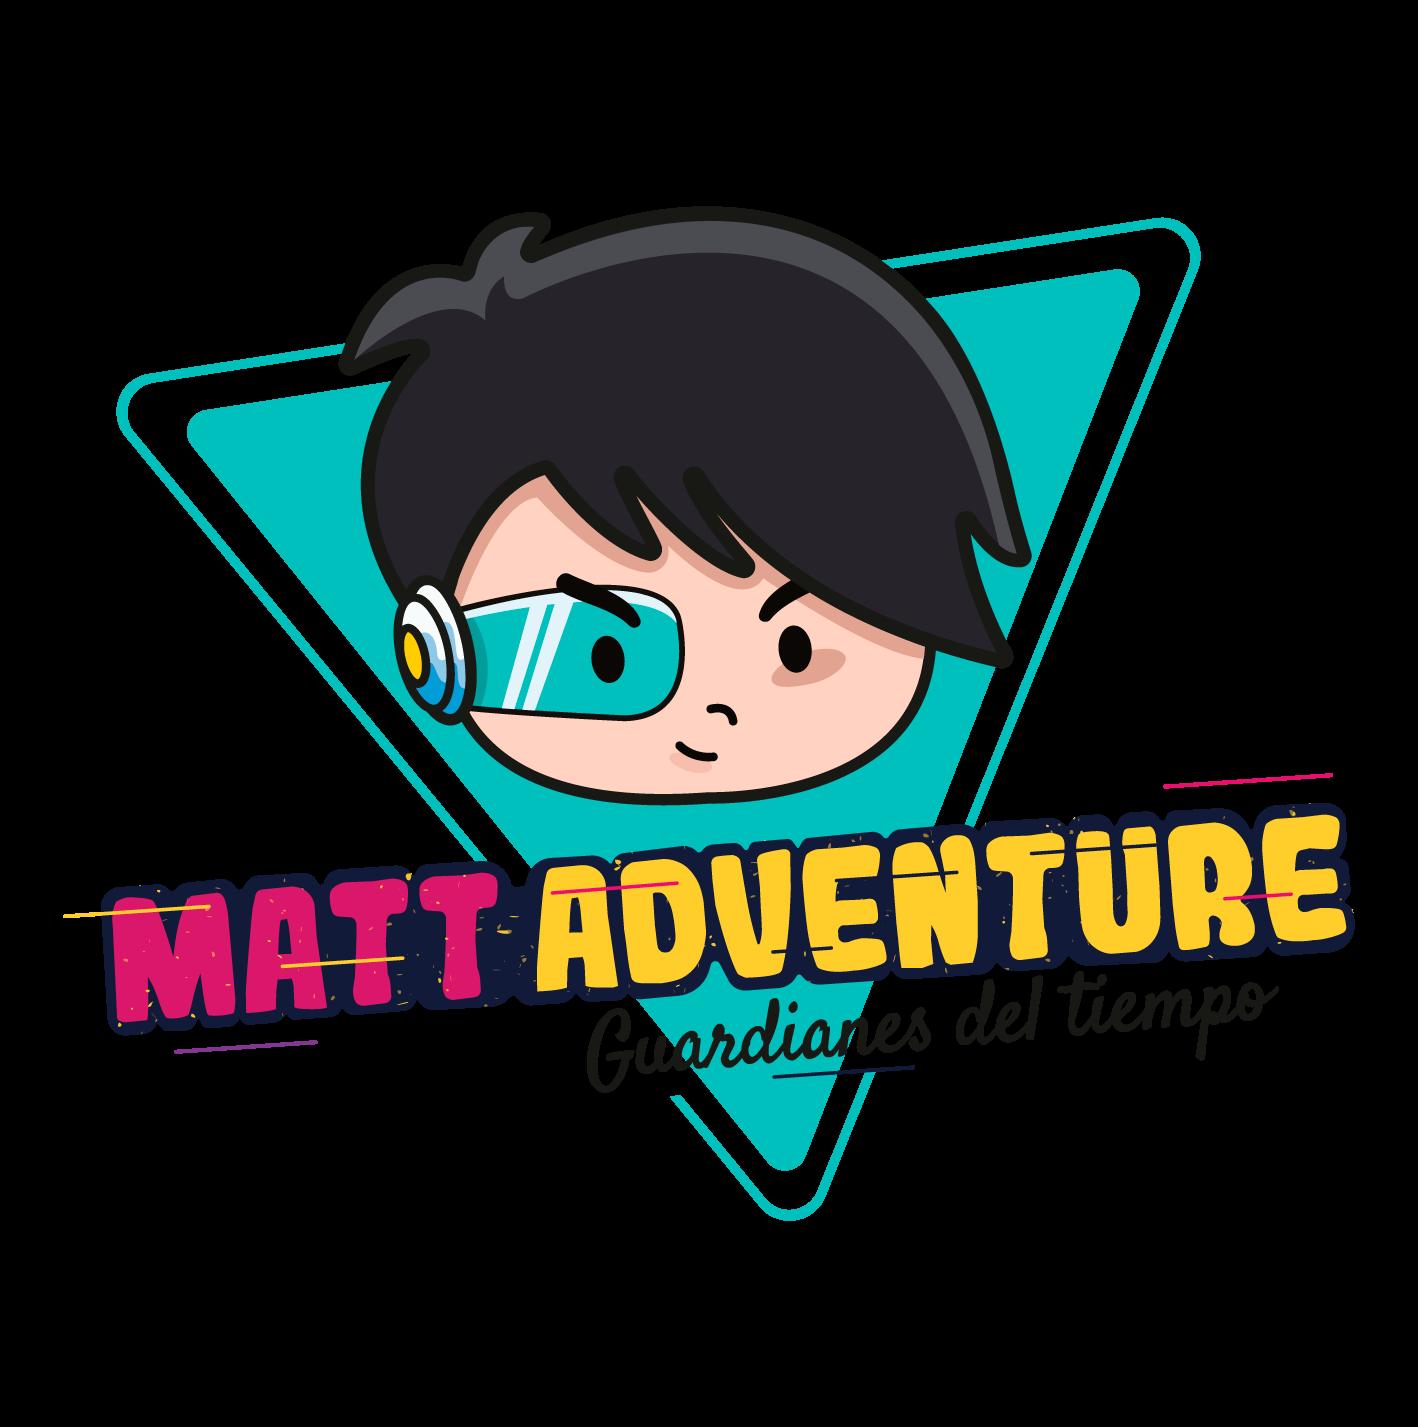 Matt Adventure